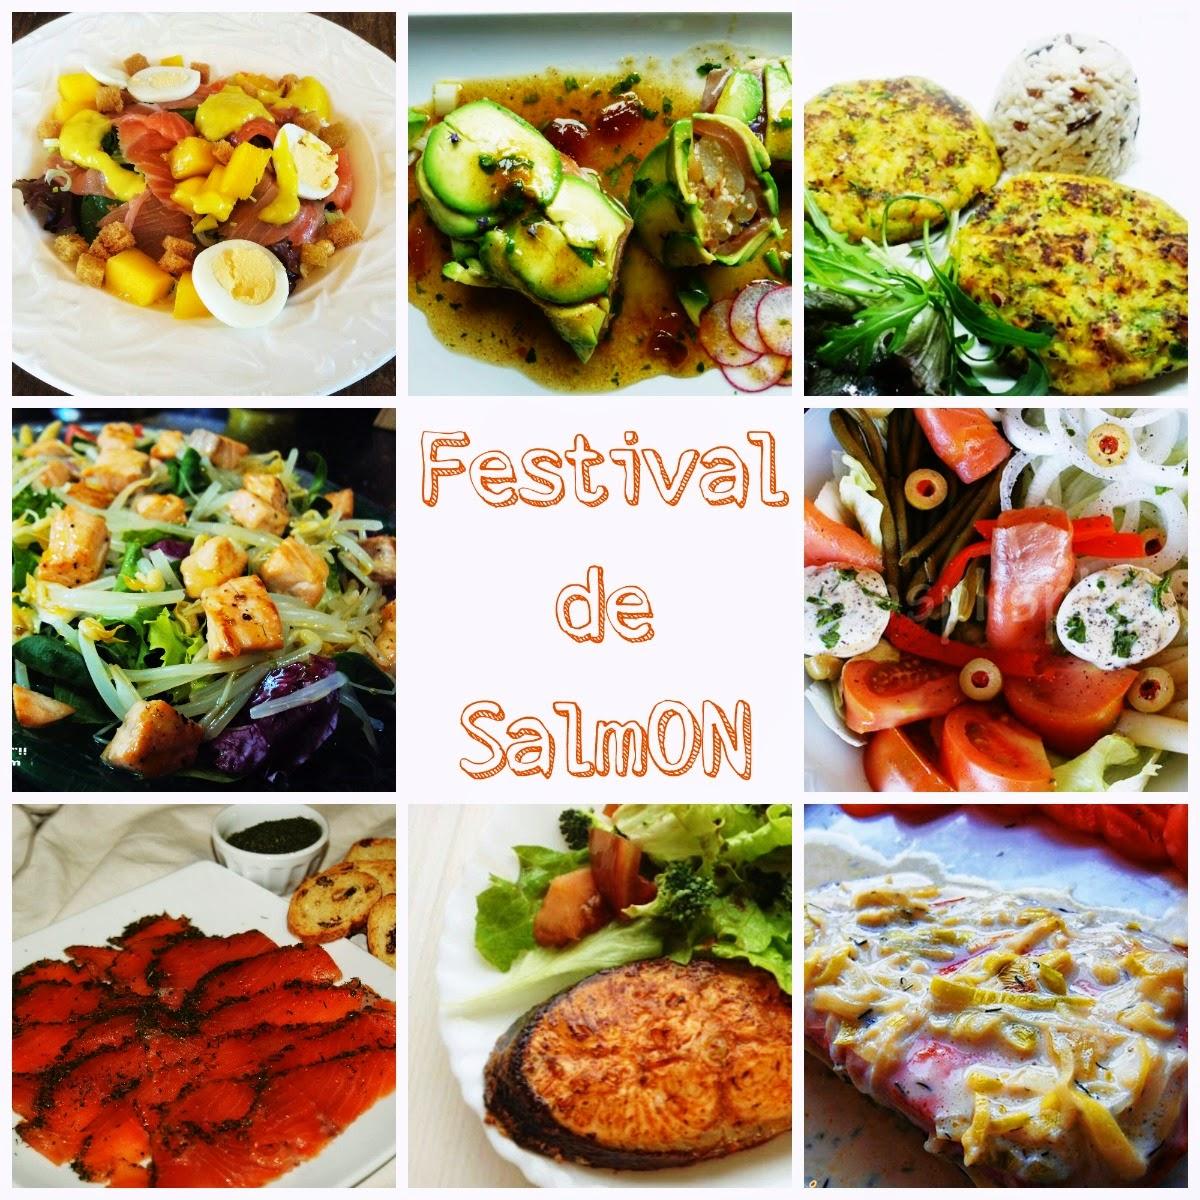 Festival De Salmón